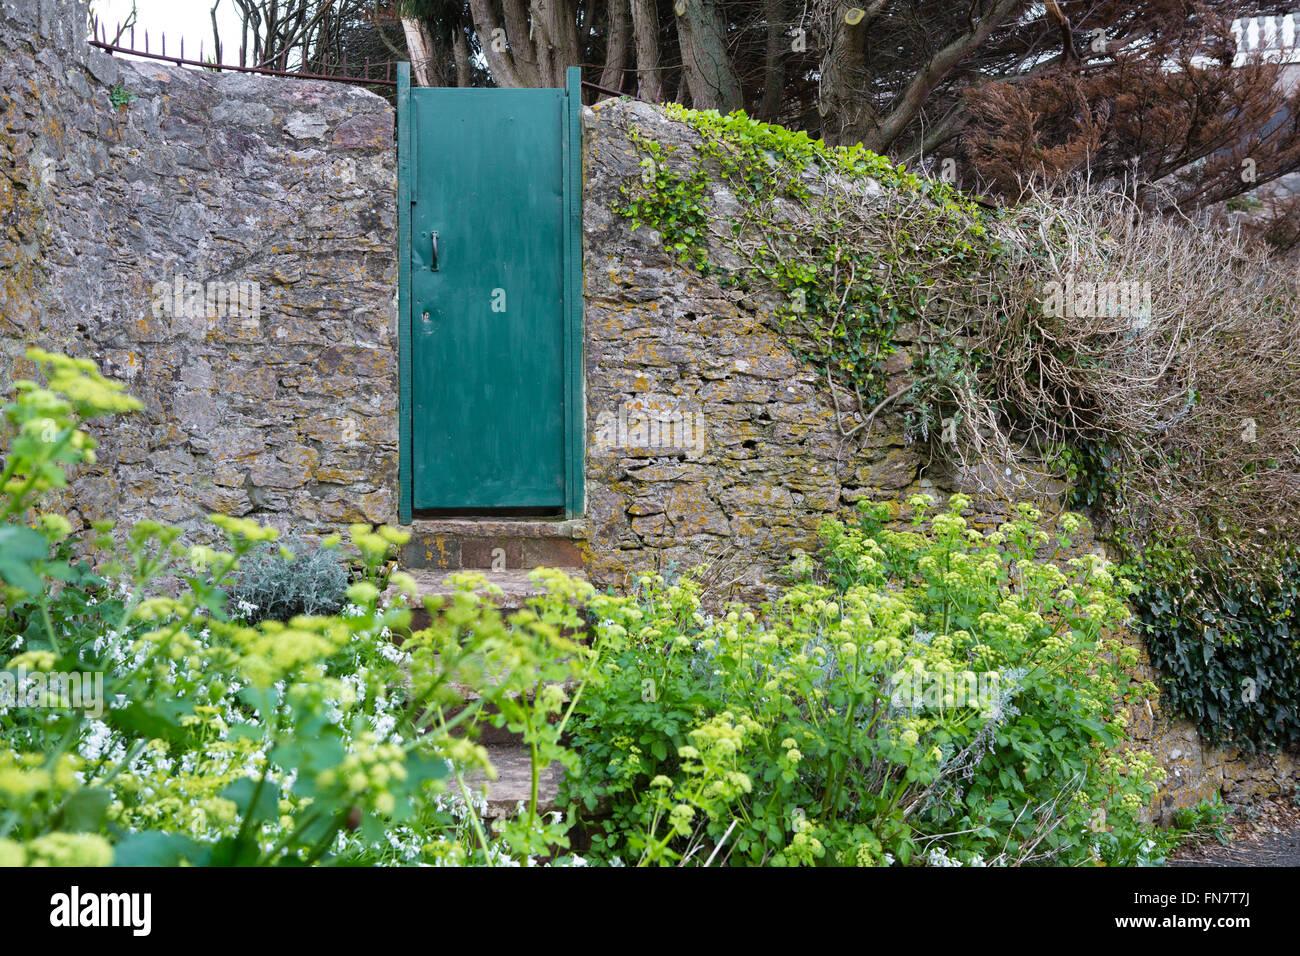 Une Vieille Porte Verte Situe Dans Un Jardin Mur Cacher Ce Qui Est